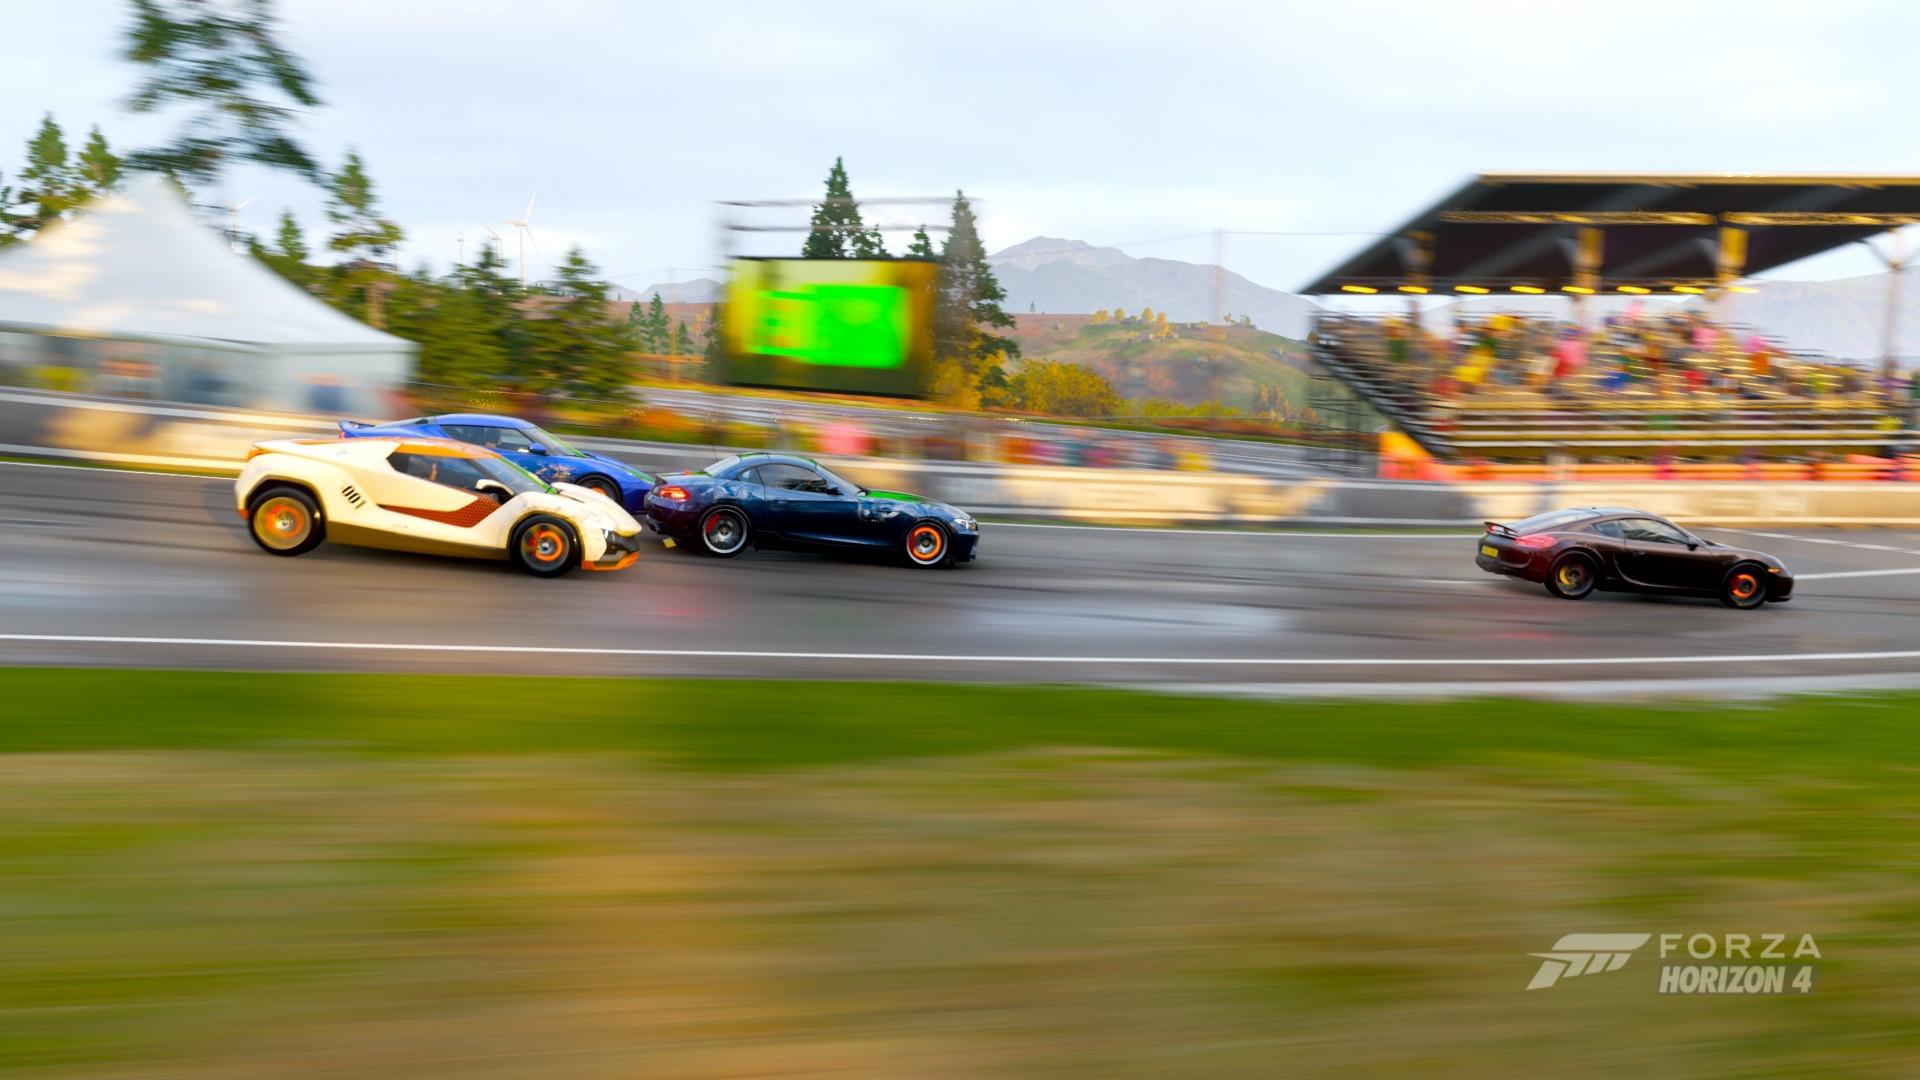 Forza Horizon 4 Review | Gaming Access Weekly